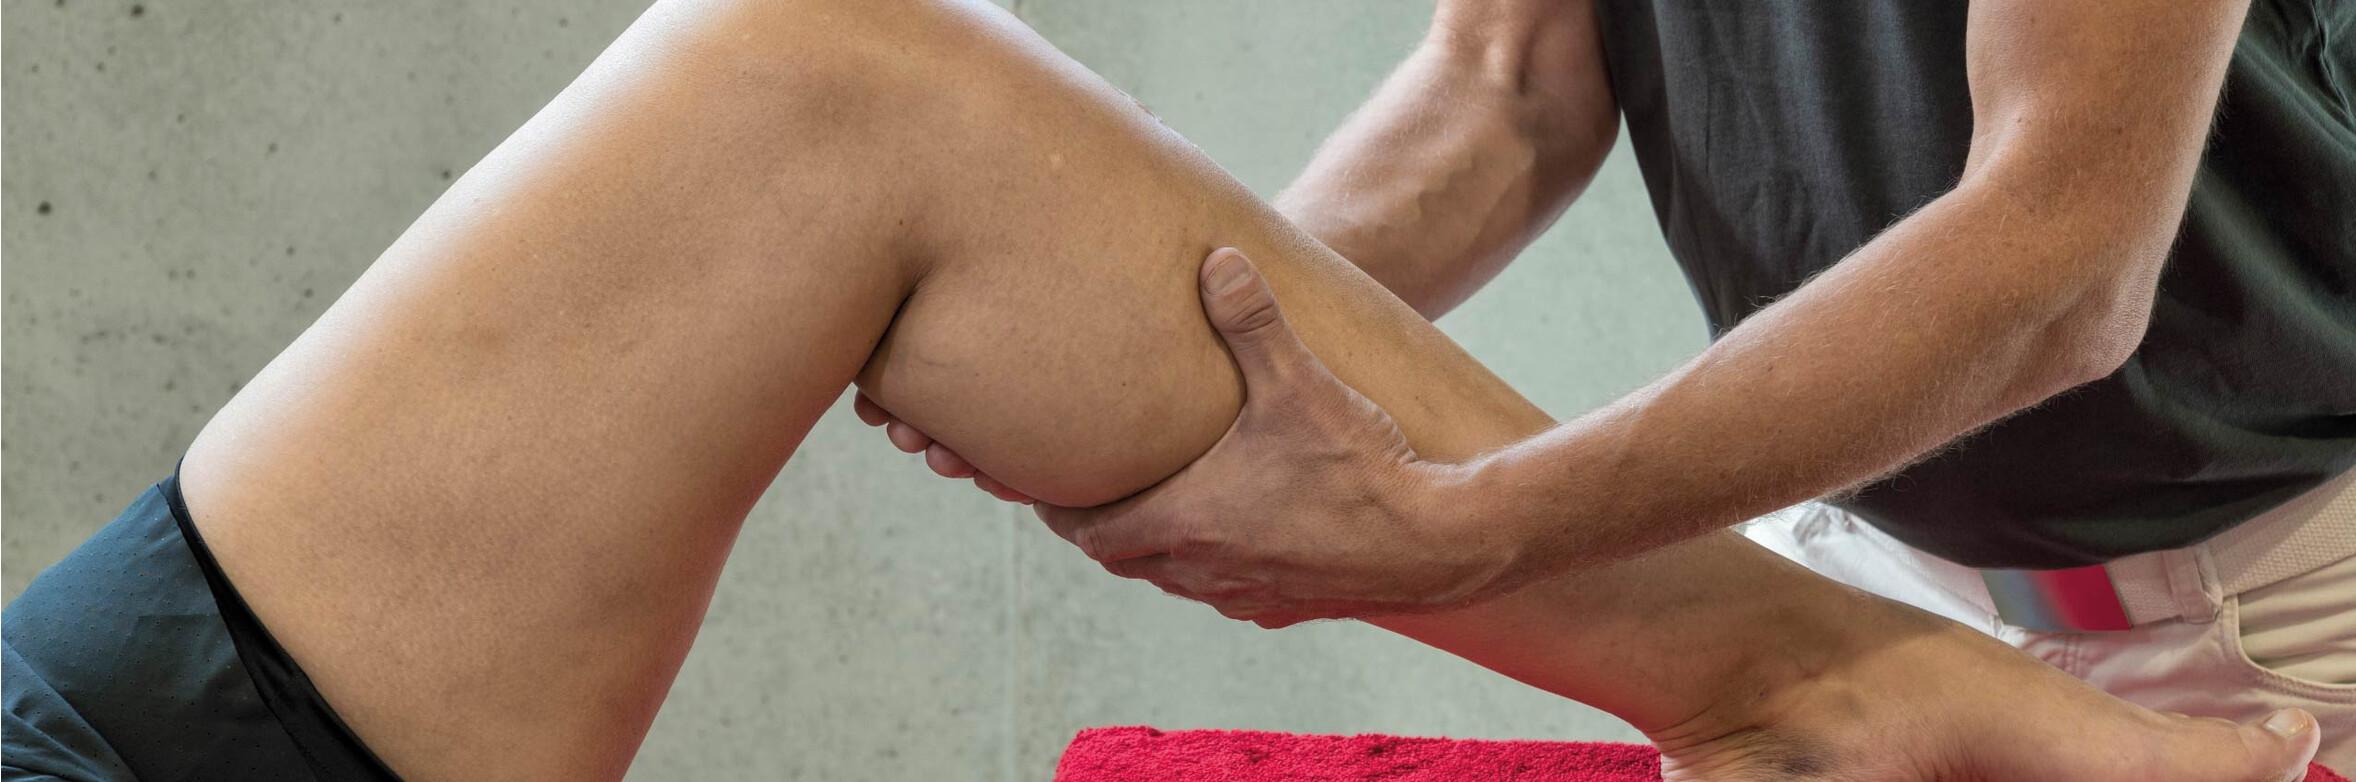 pzi-burtscher-massage